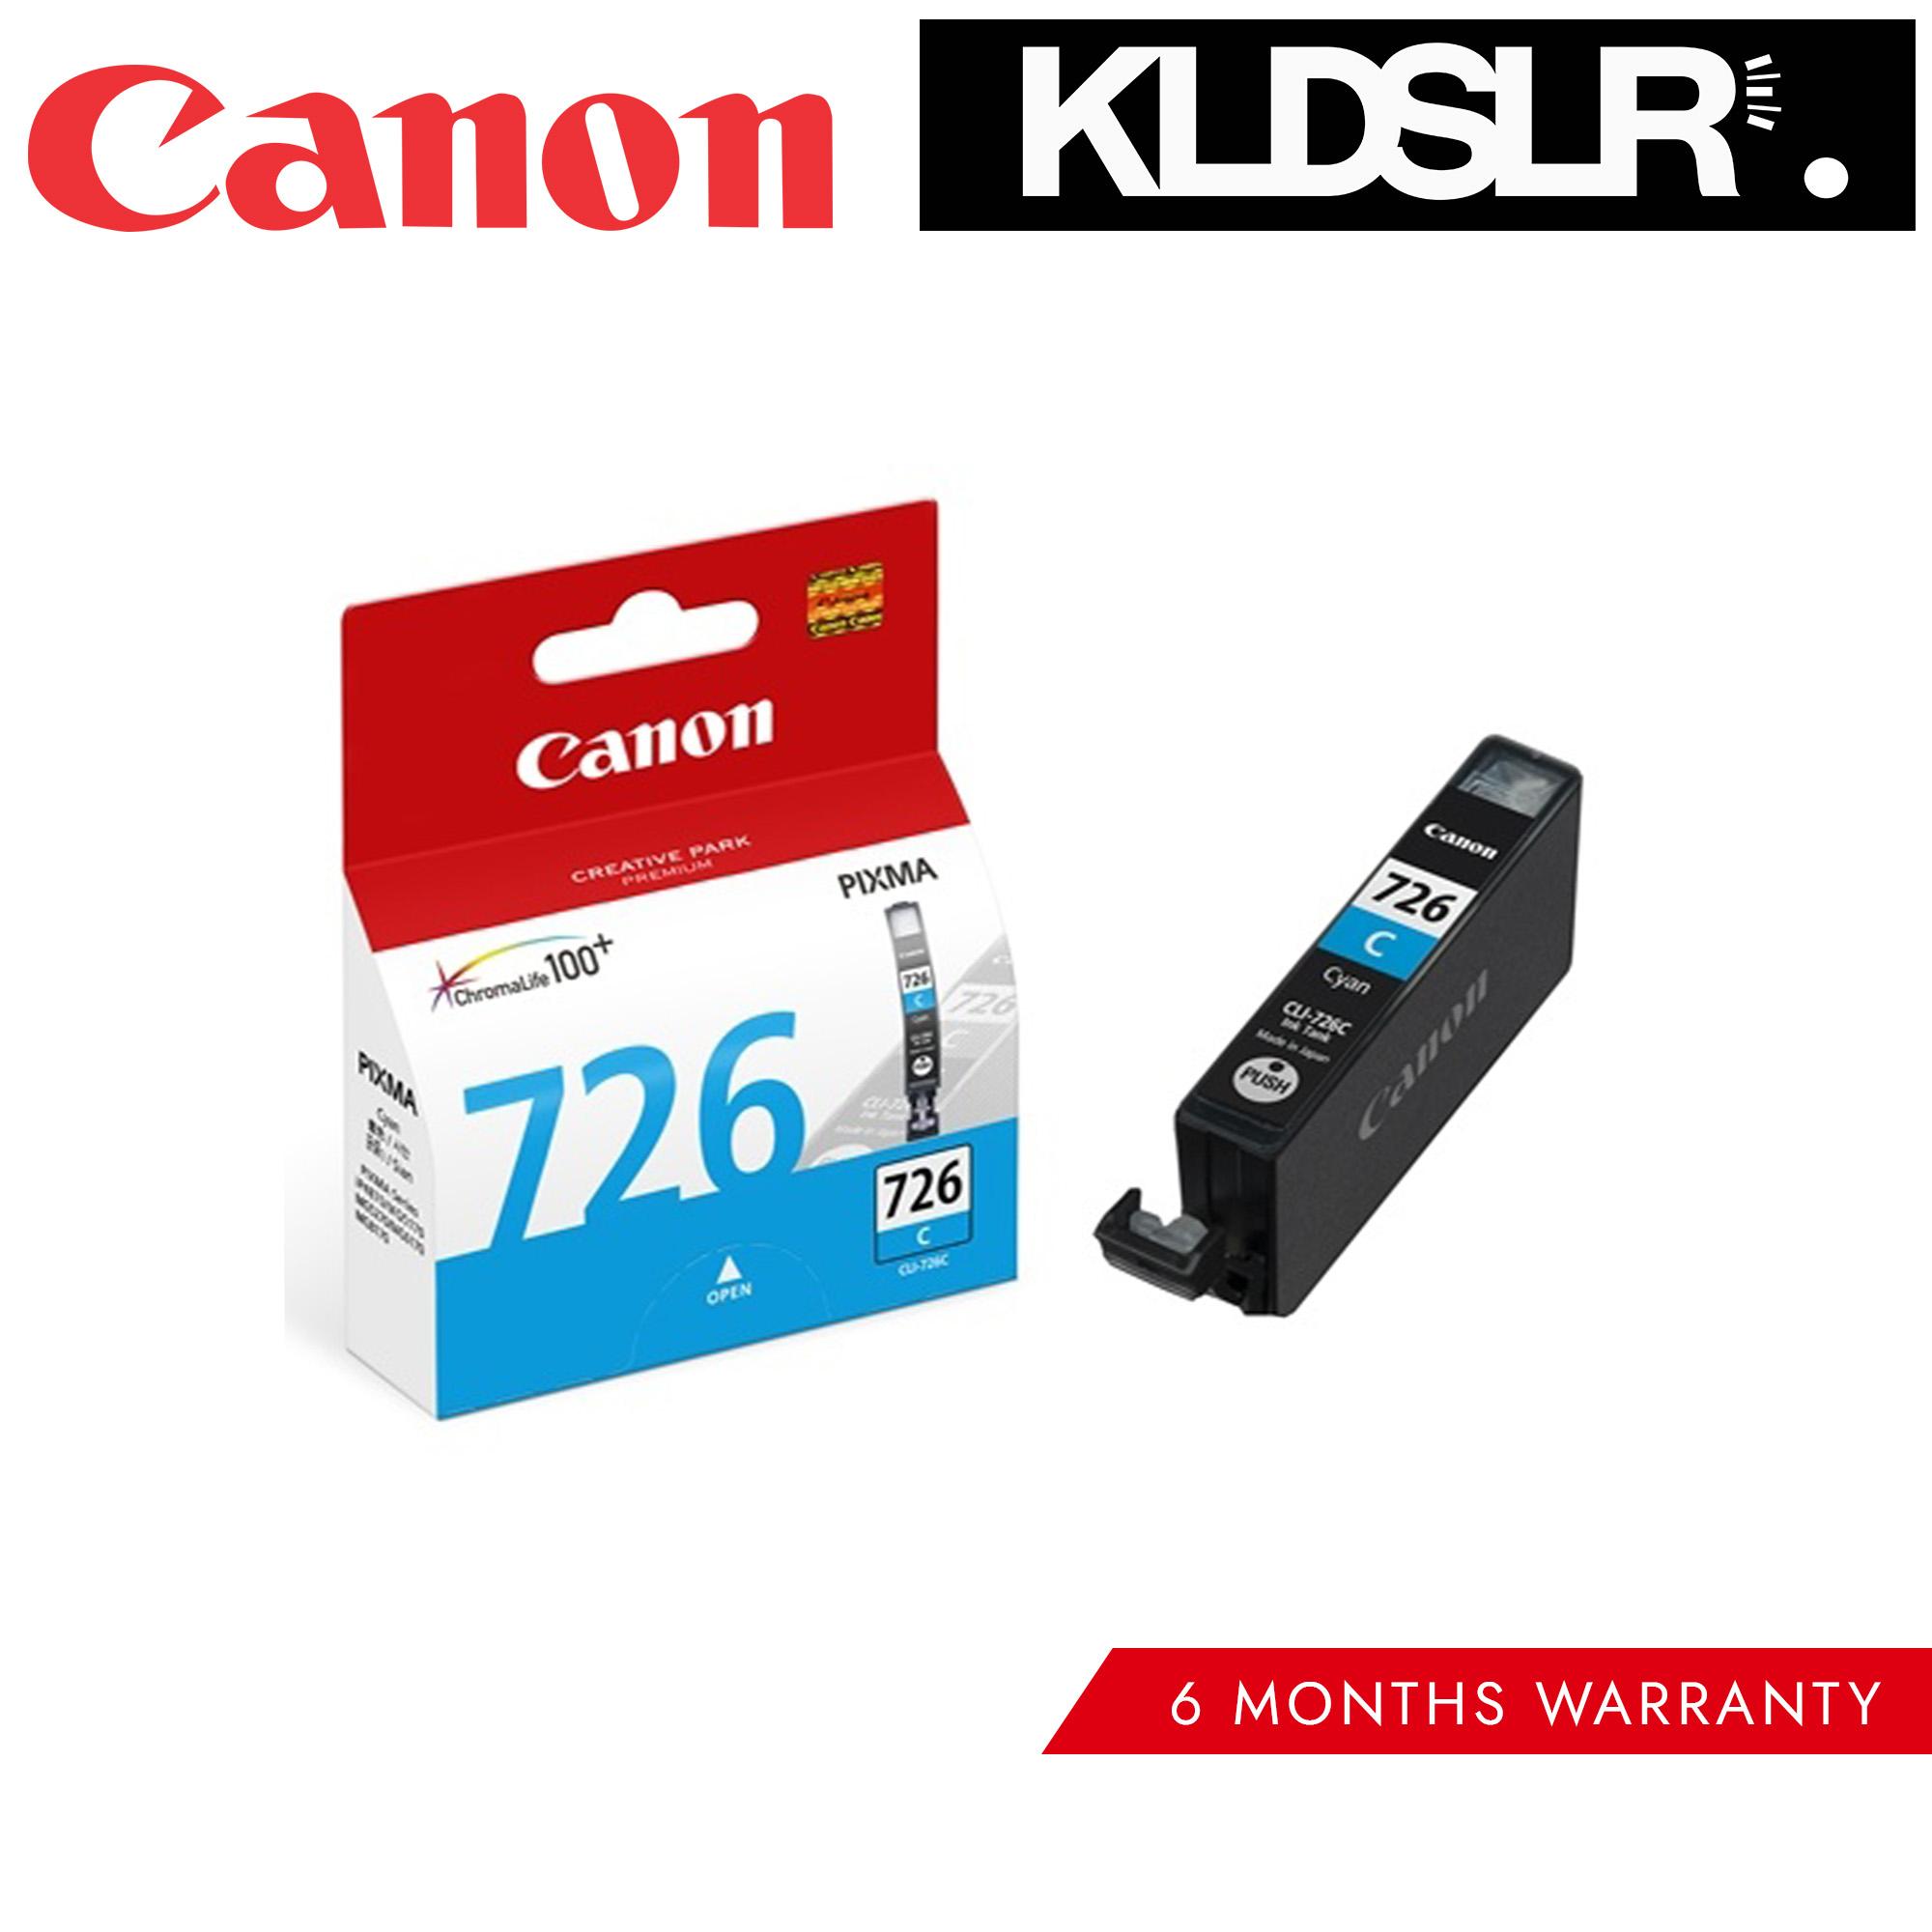 Canon Cli 726 Cyan Inkjet Cartridge Malaysia Head Ix6560